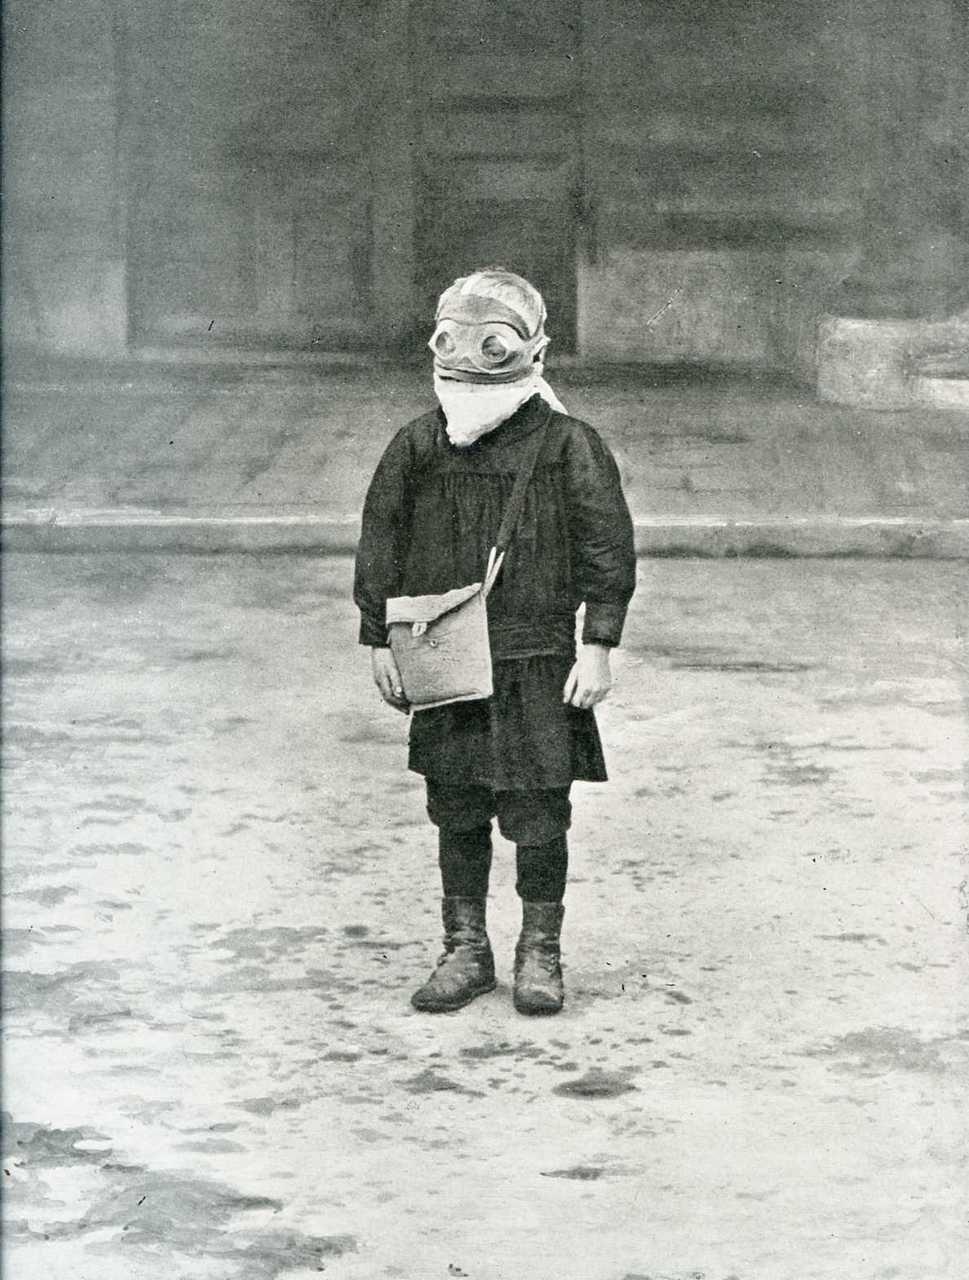 Reims, 1916 - Un écolier avec un masque à gaz (source)